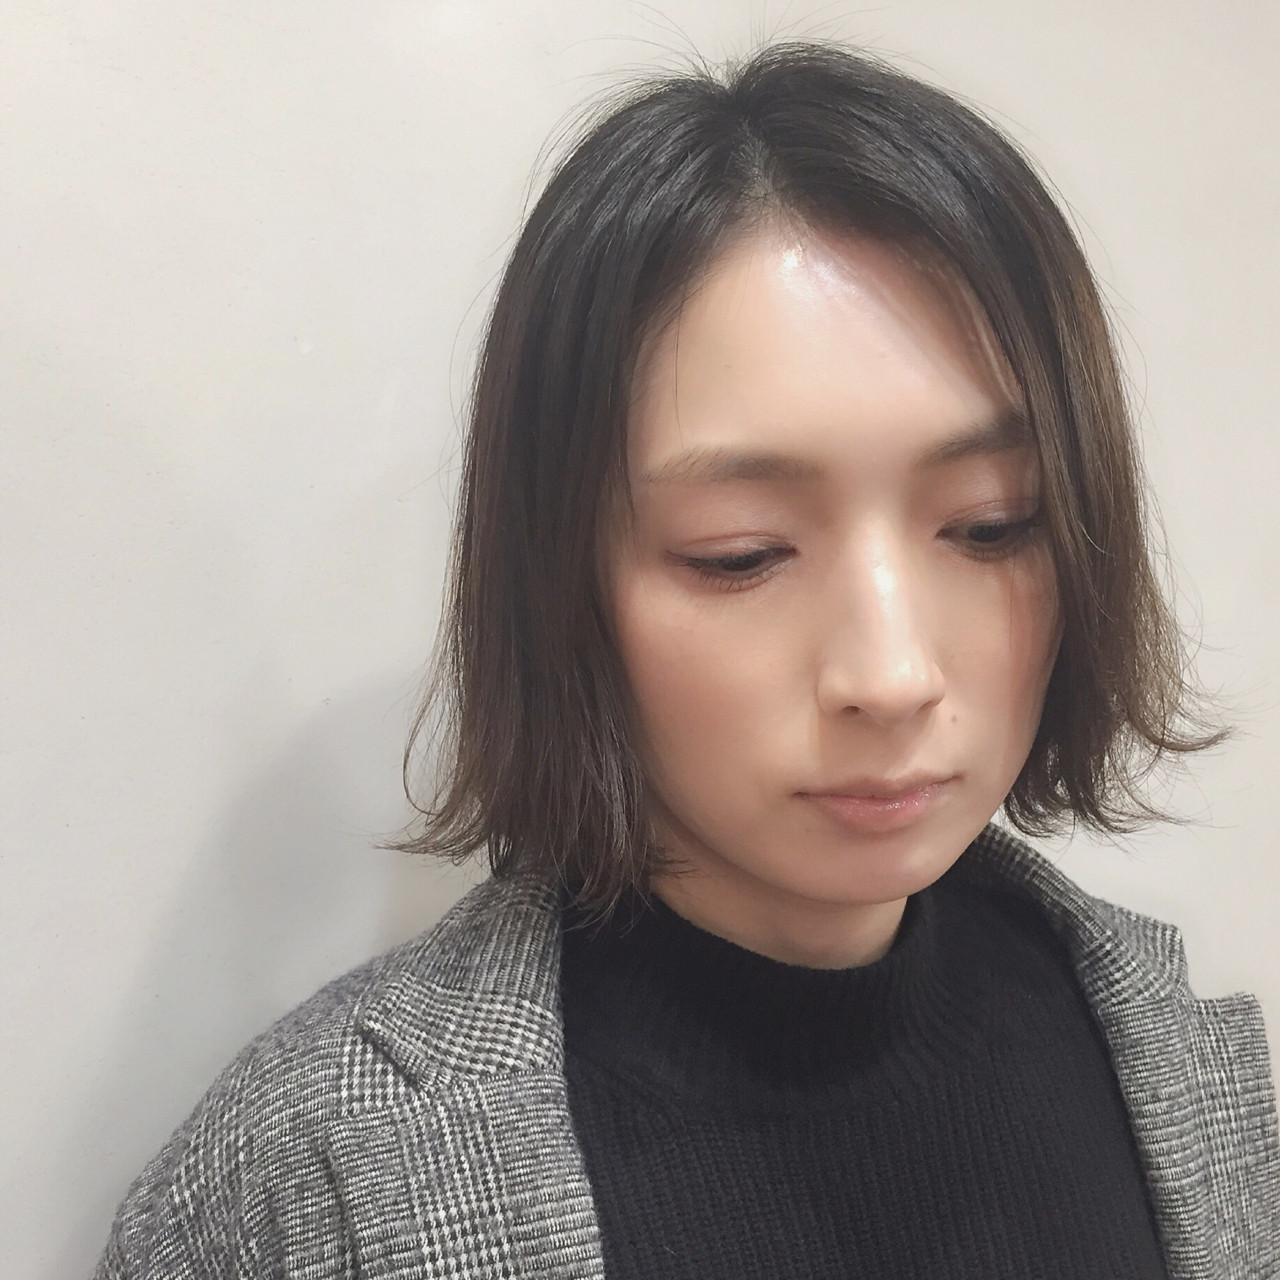 リラックス ハイライト おかっぱ 外国人風カラー ヘアスタイルや髪型の写真・画像 | Junko Aida / Hair salon Canaria